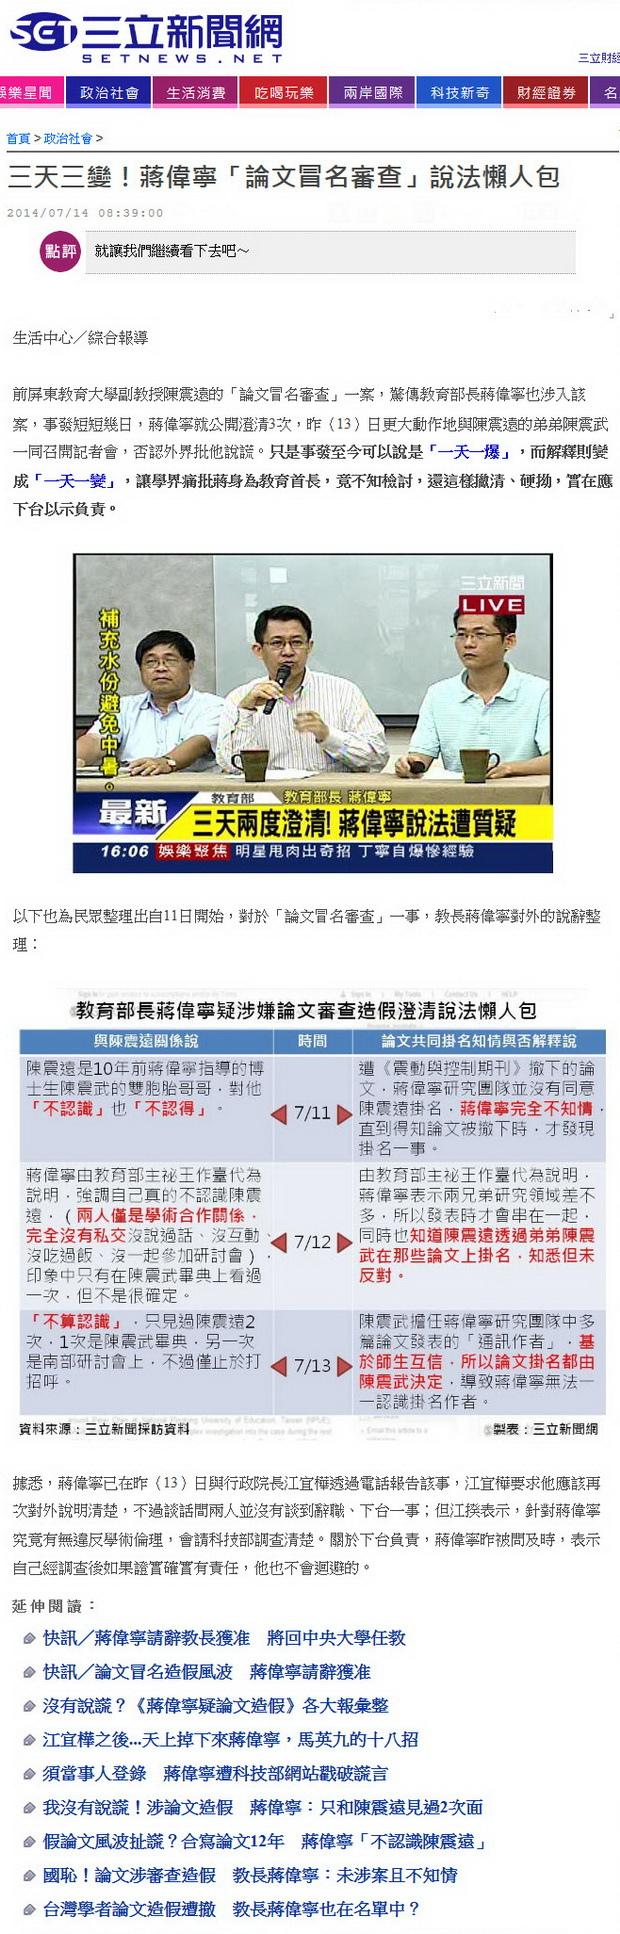 三天三變!蔣偉寧「論文冒名審查」說法懶人包-2014.07.14.jpg